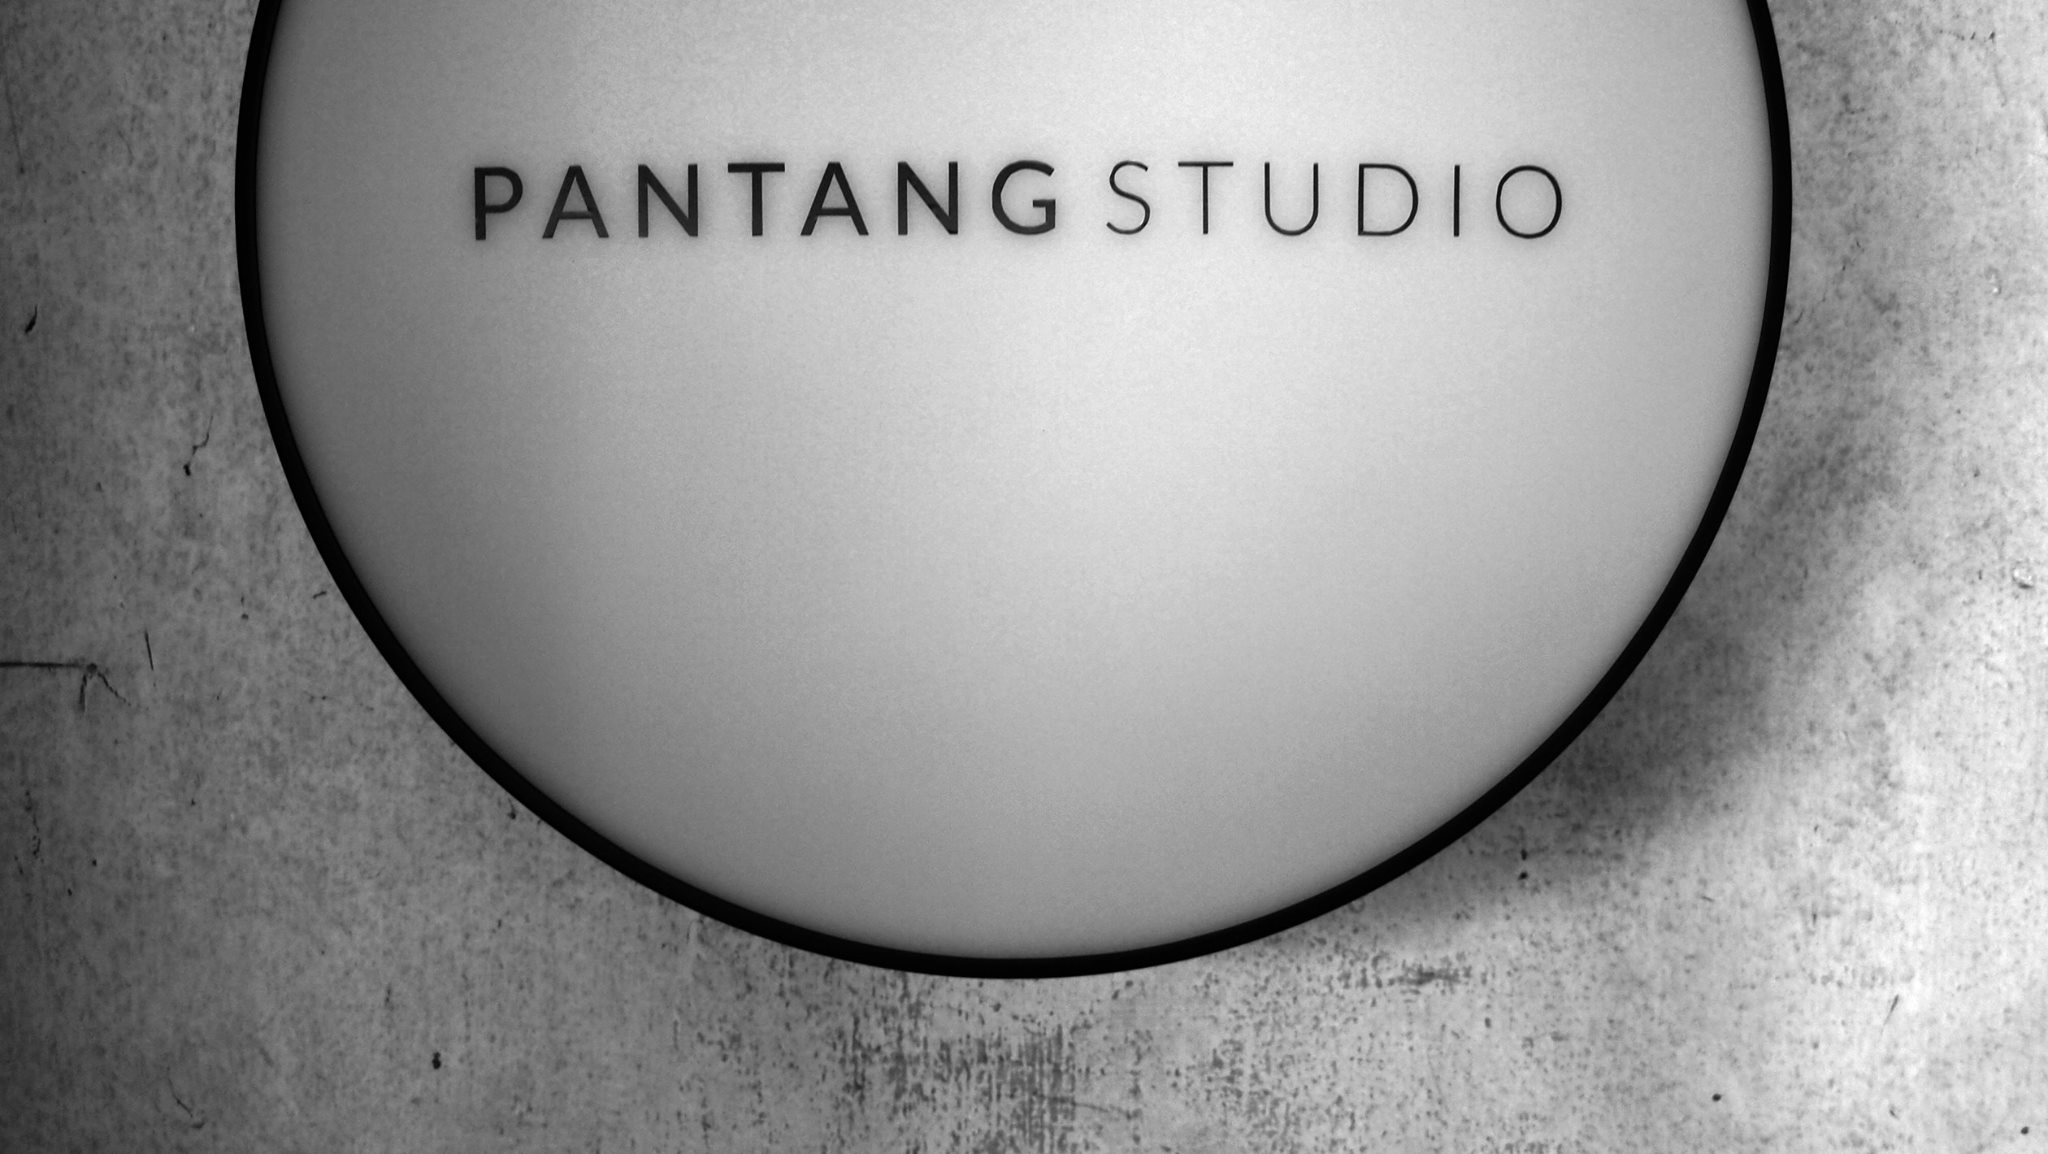 Pantang studio